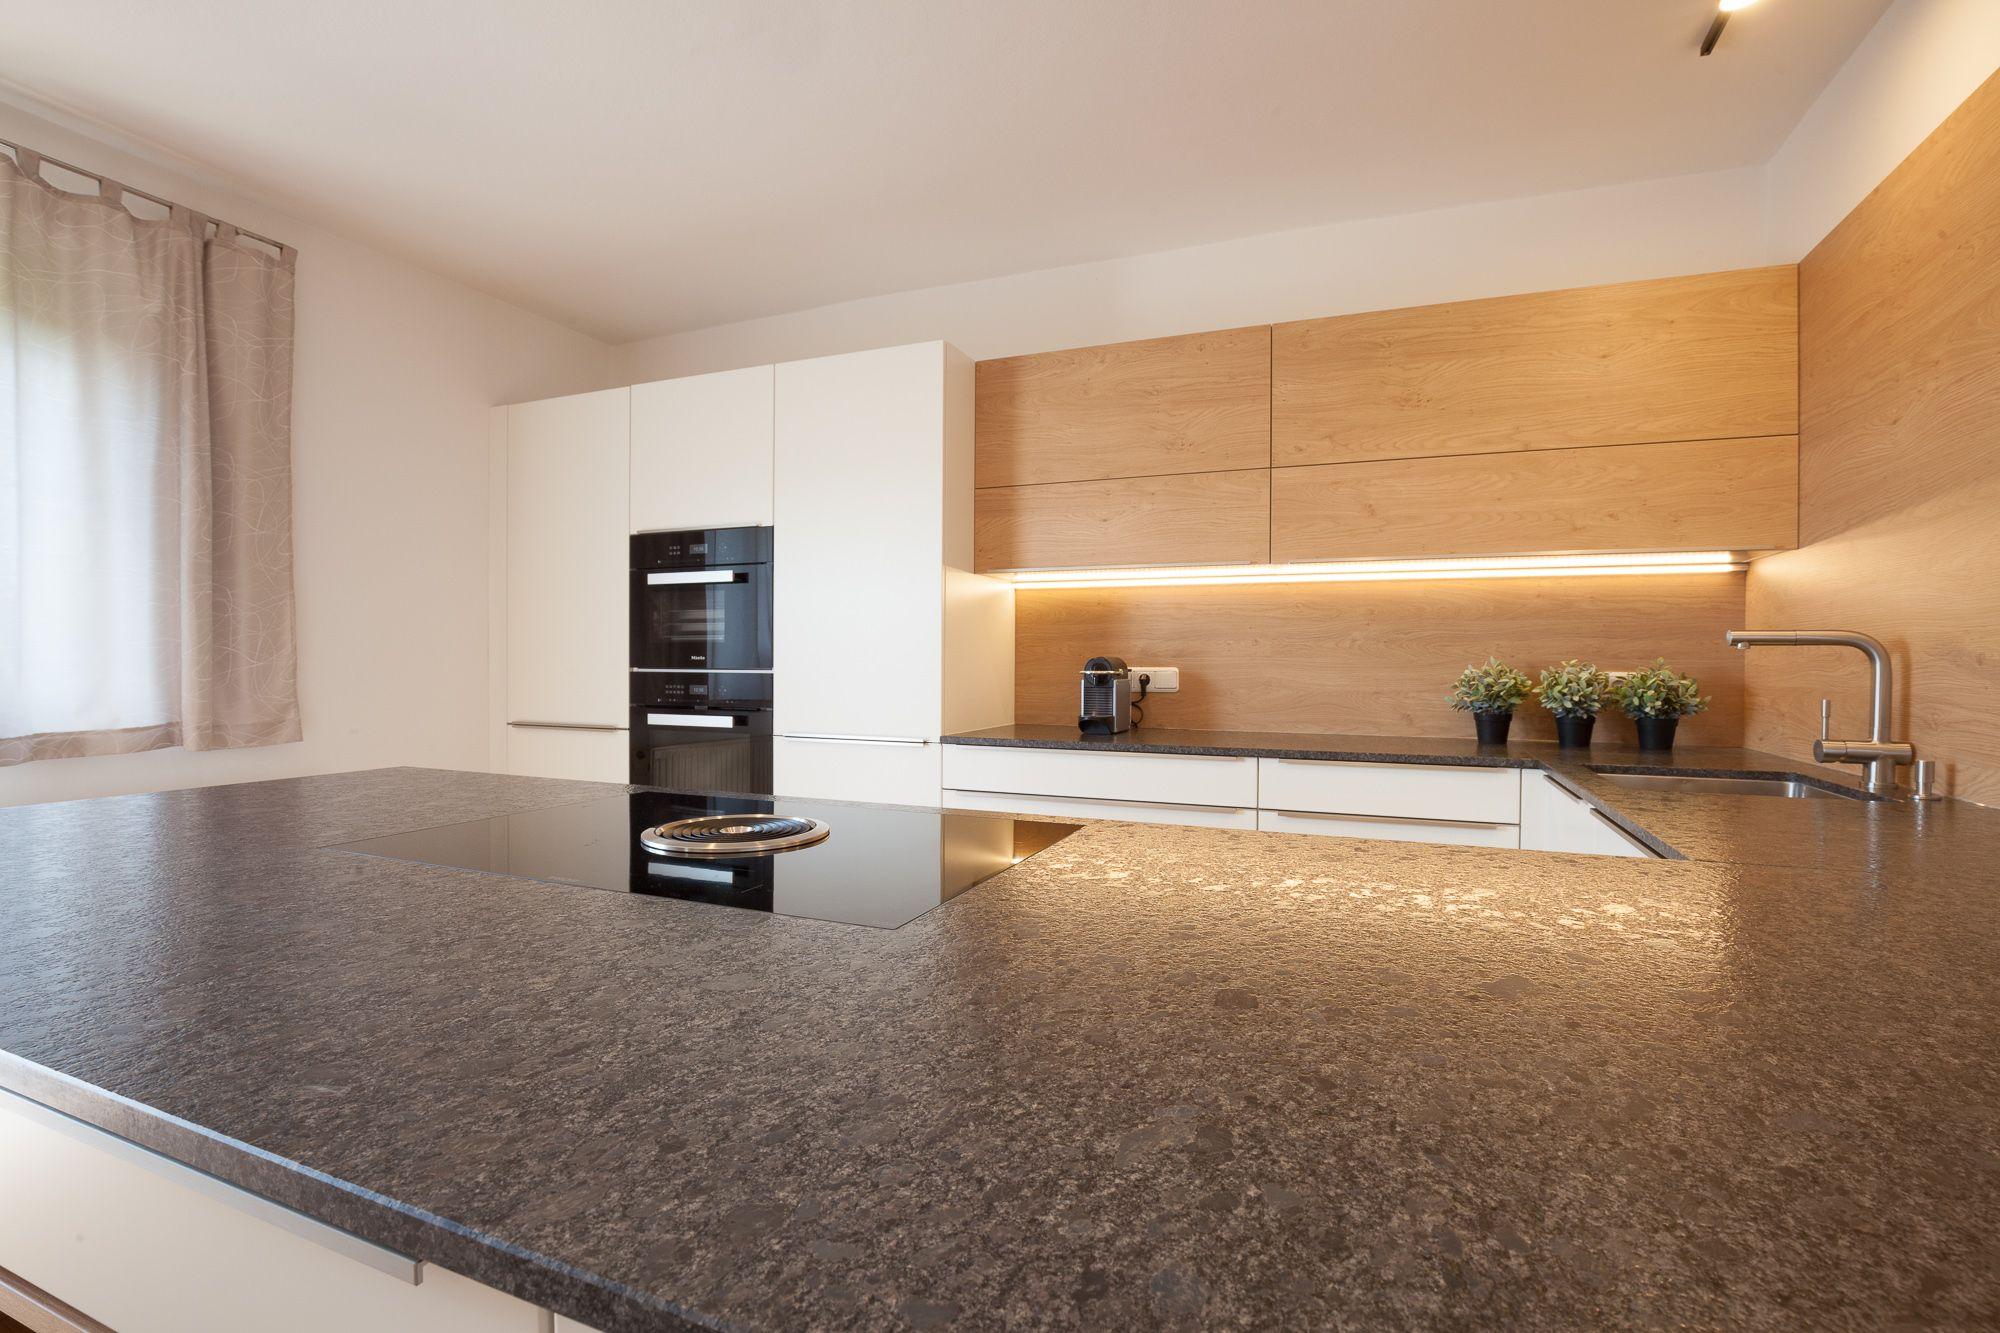 Krumhuber Design Kuche Mz Wohnung Kuche Kuche Kuche Einrichten